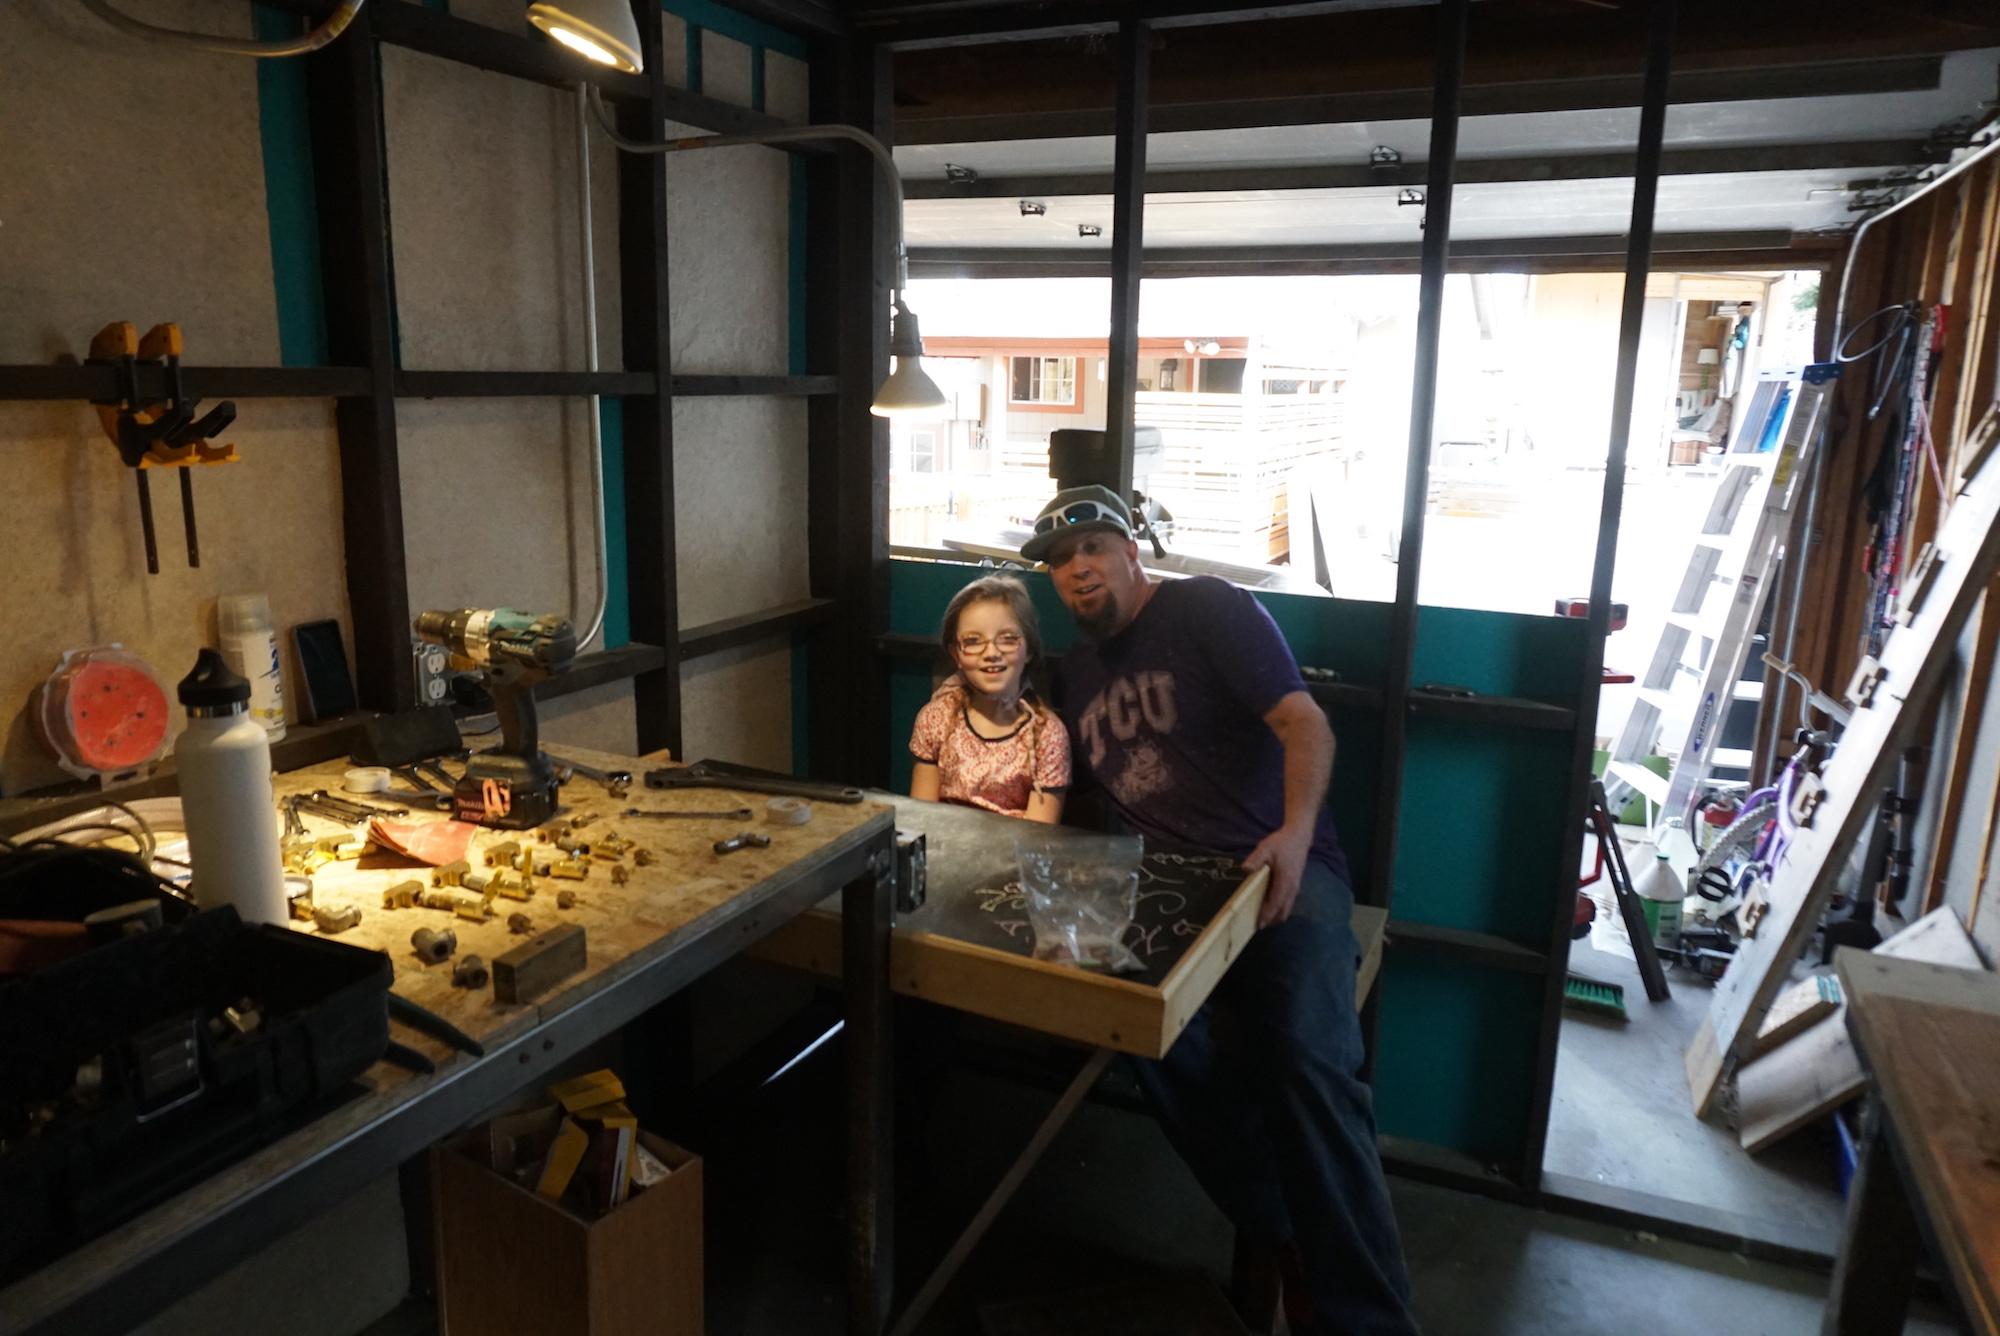 Kyla's desk